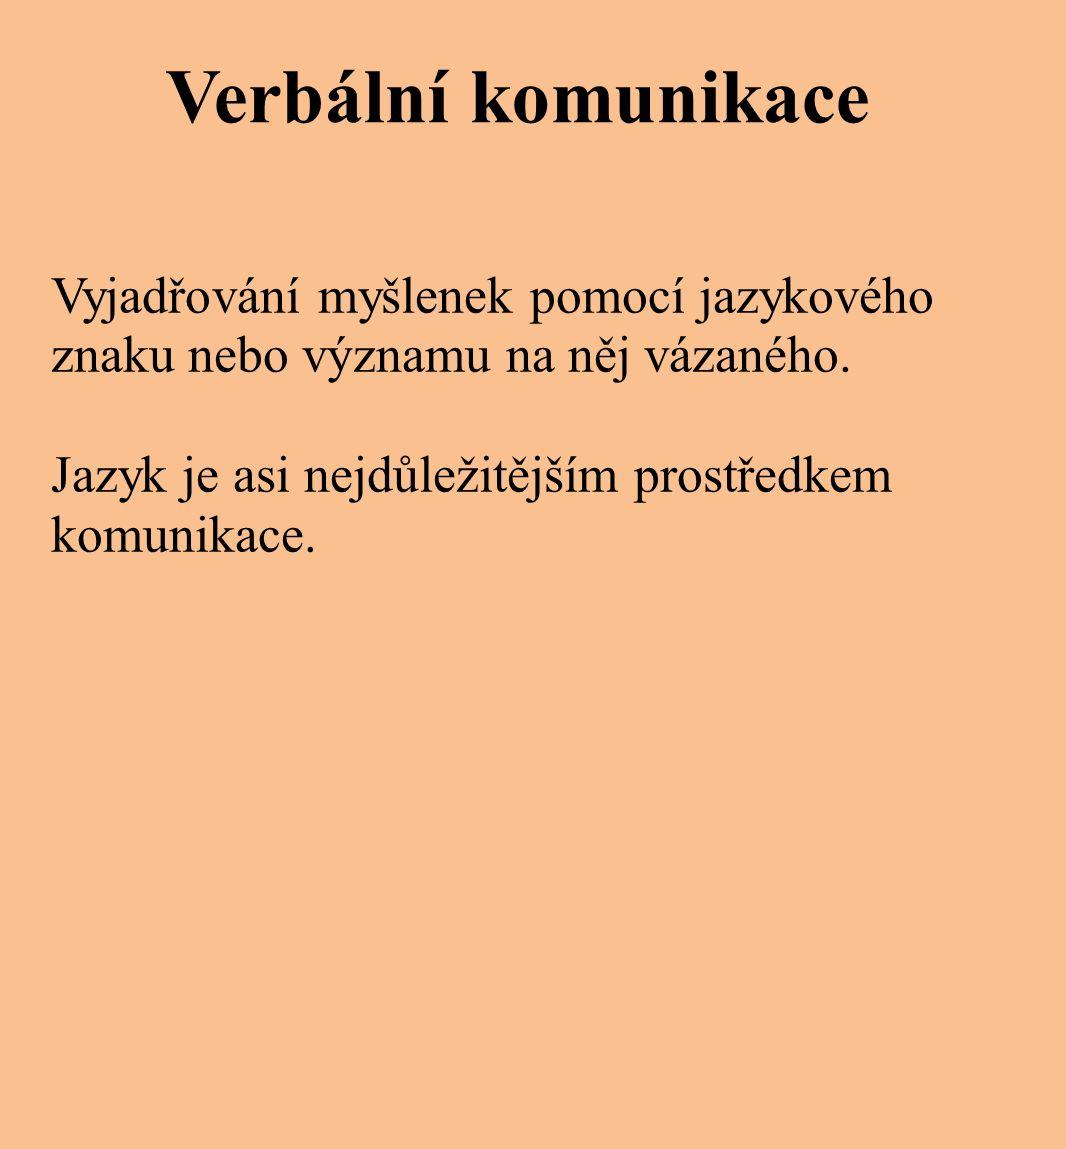 Verbální komunikace Vyjadřování myšlenek pomocí jazykového znaku nebo významu na něj vázaného.